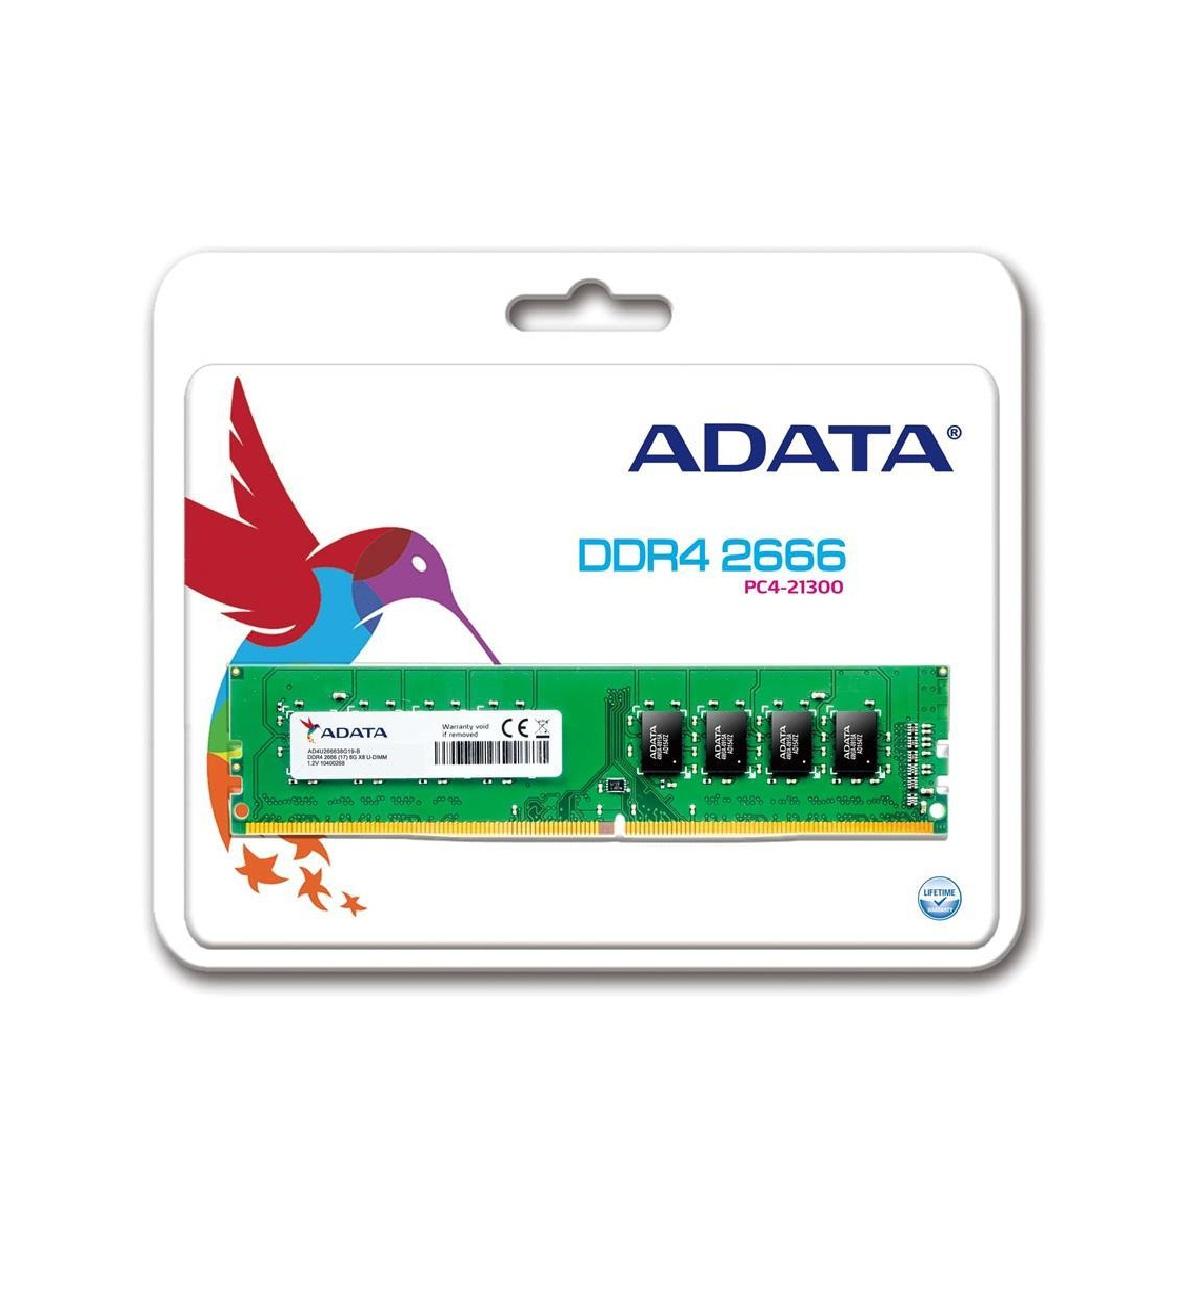 رم دسکتاپ ای دیتا پرایمر با حافظه ۸ گیگابایت